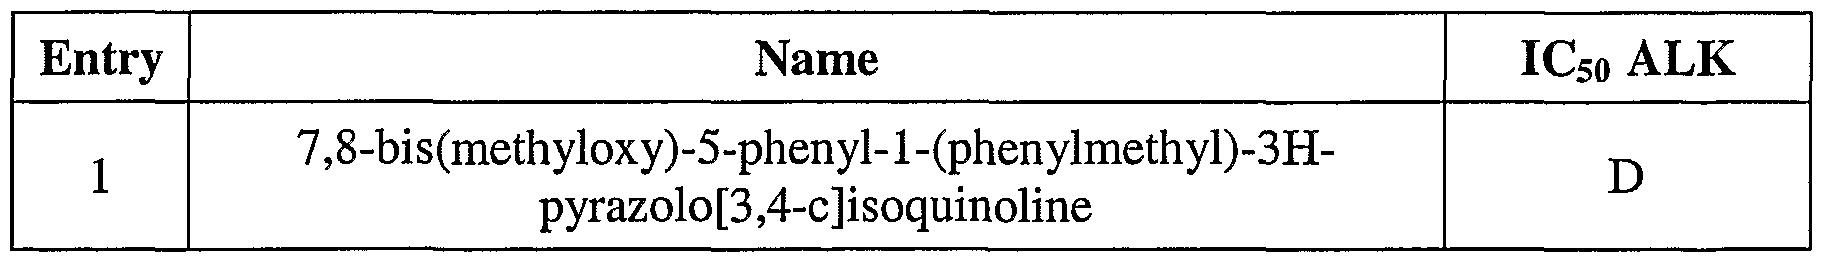 Figure imgf000170_0004